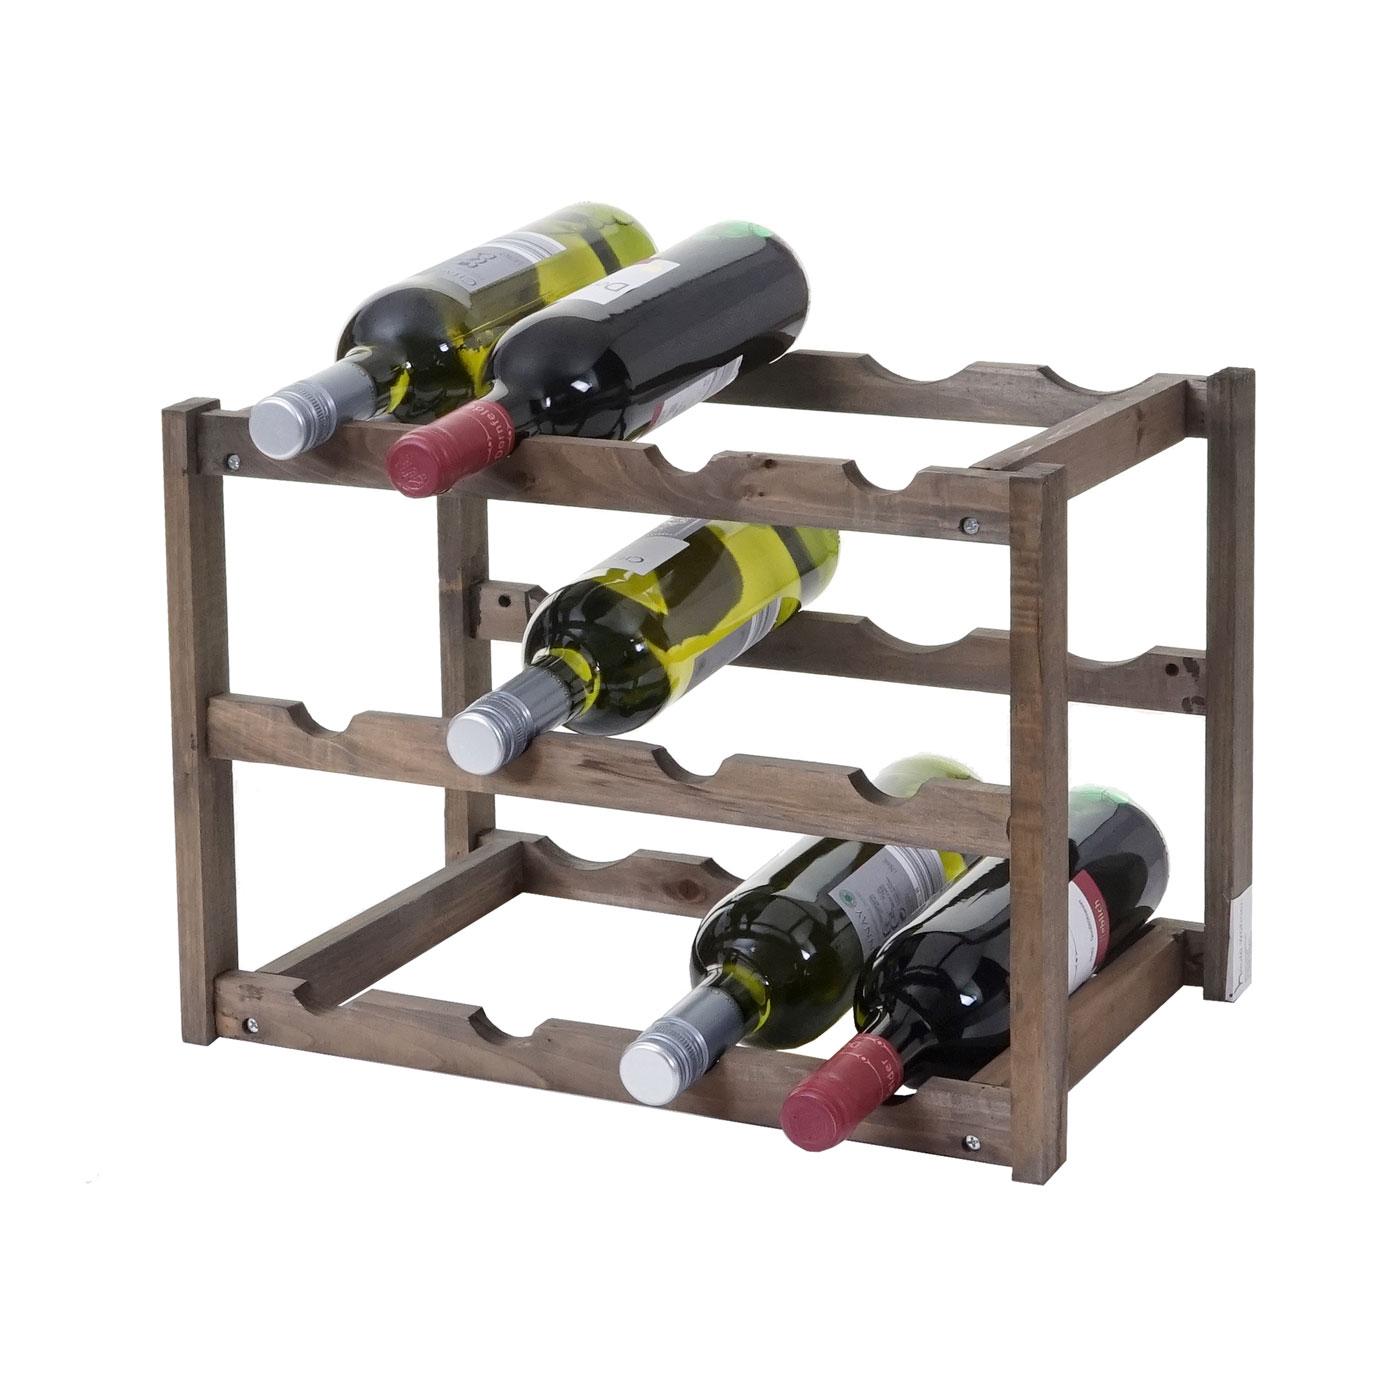 Weinregal Hwc B58 Flaschenregal Weinstander Weinhalter Tanne 3 Boden 1 Stuck